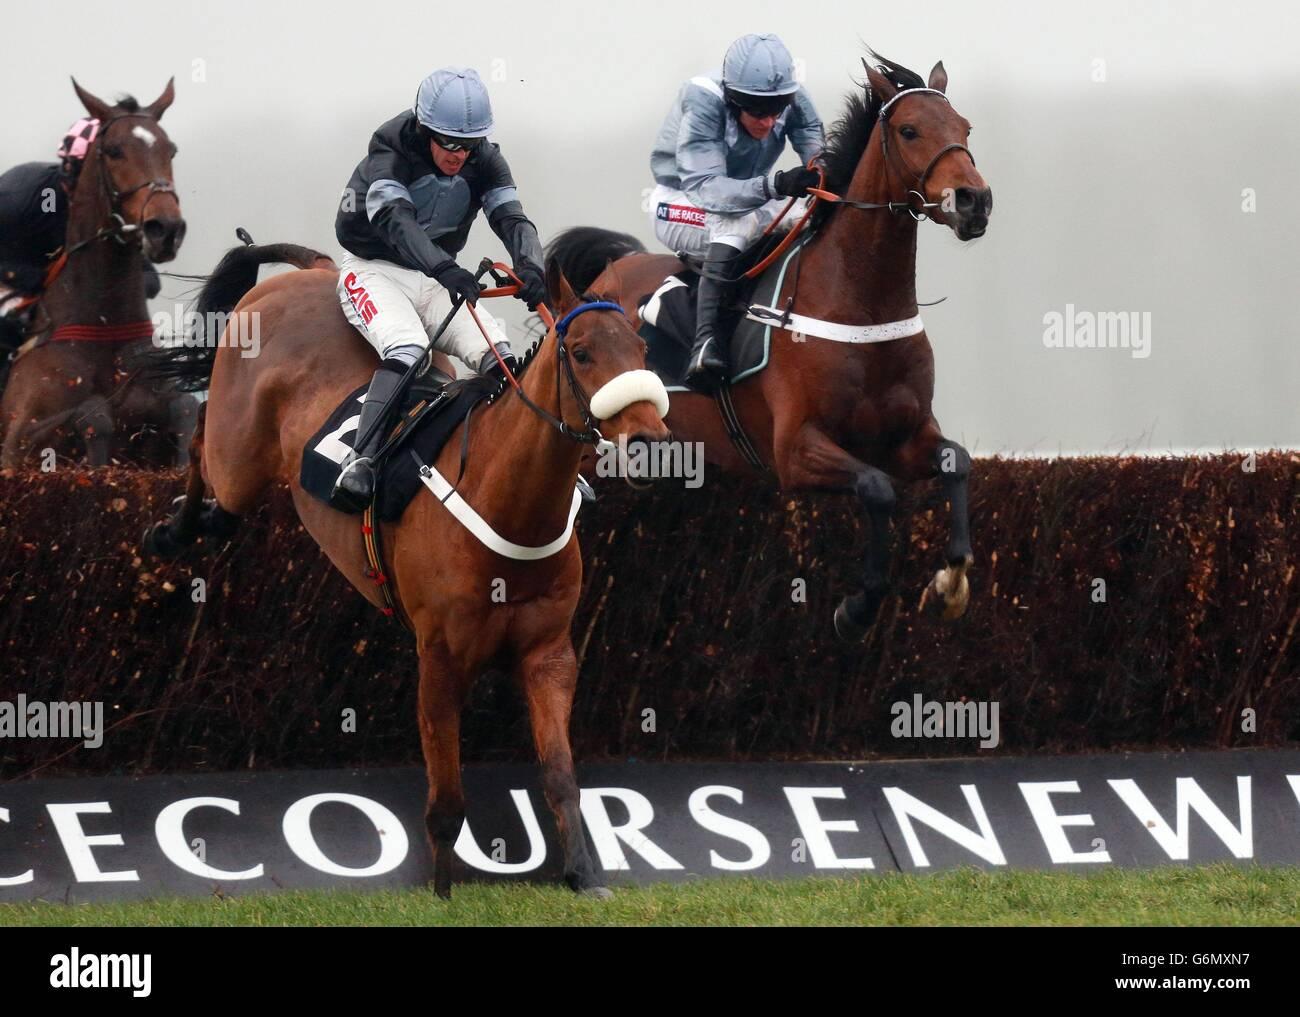 Christmas Horse Racing.Horse Racing Christmas Raceday Newbury Racecourse Stock